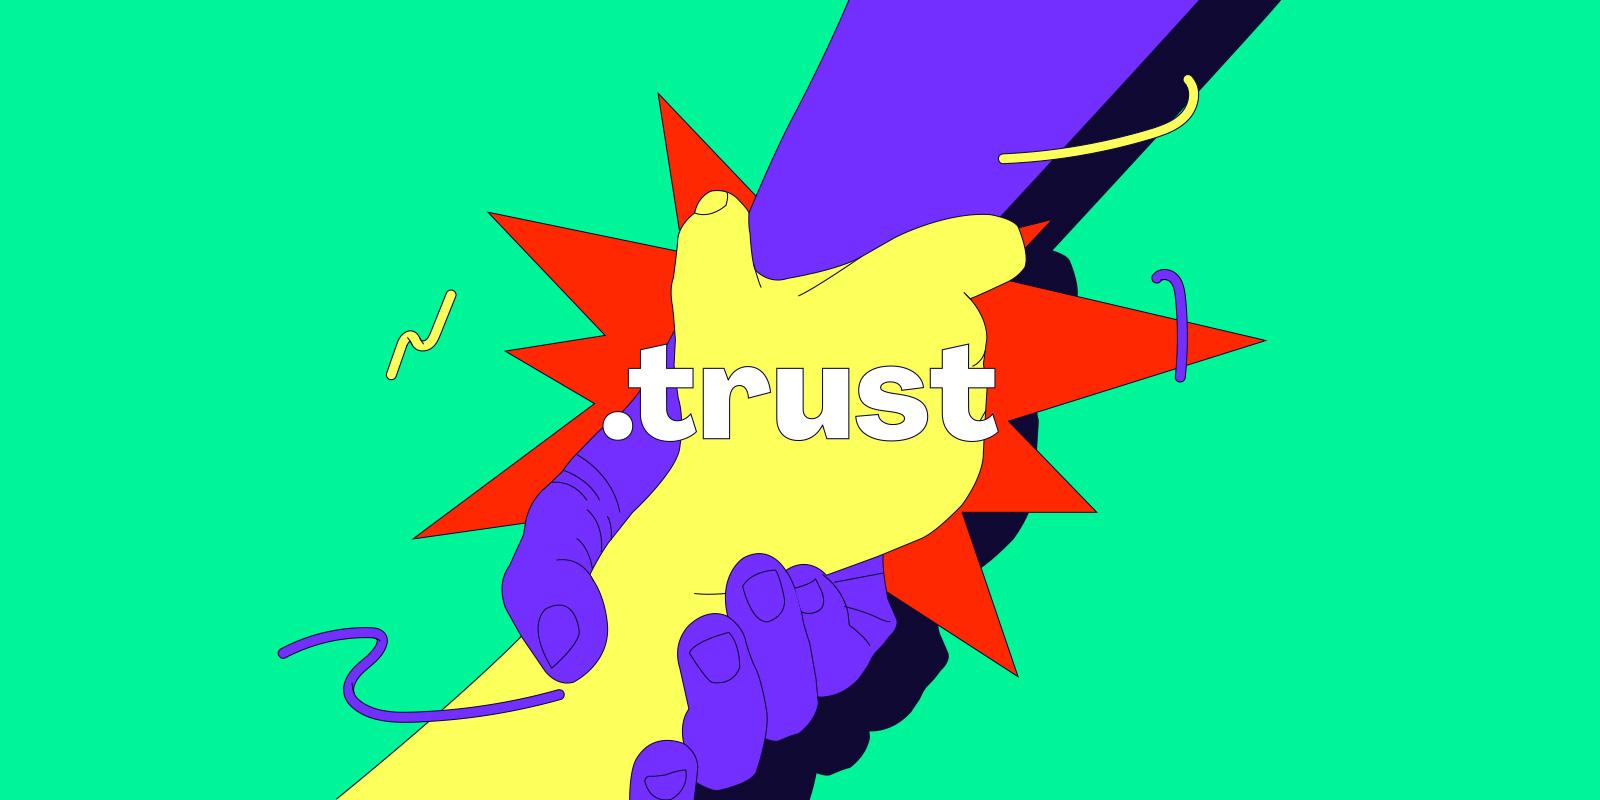 2021 年 3 月 25 日起,.TRUST 域名正式进入日升期阶段